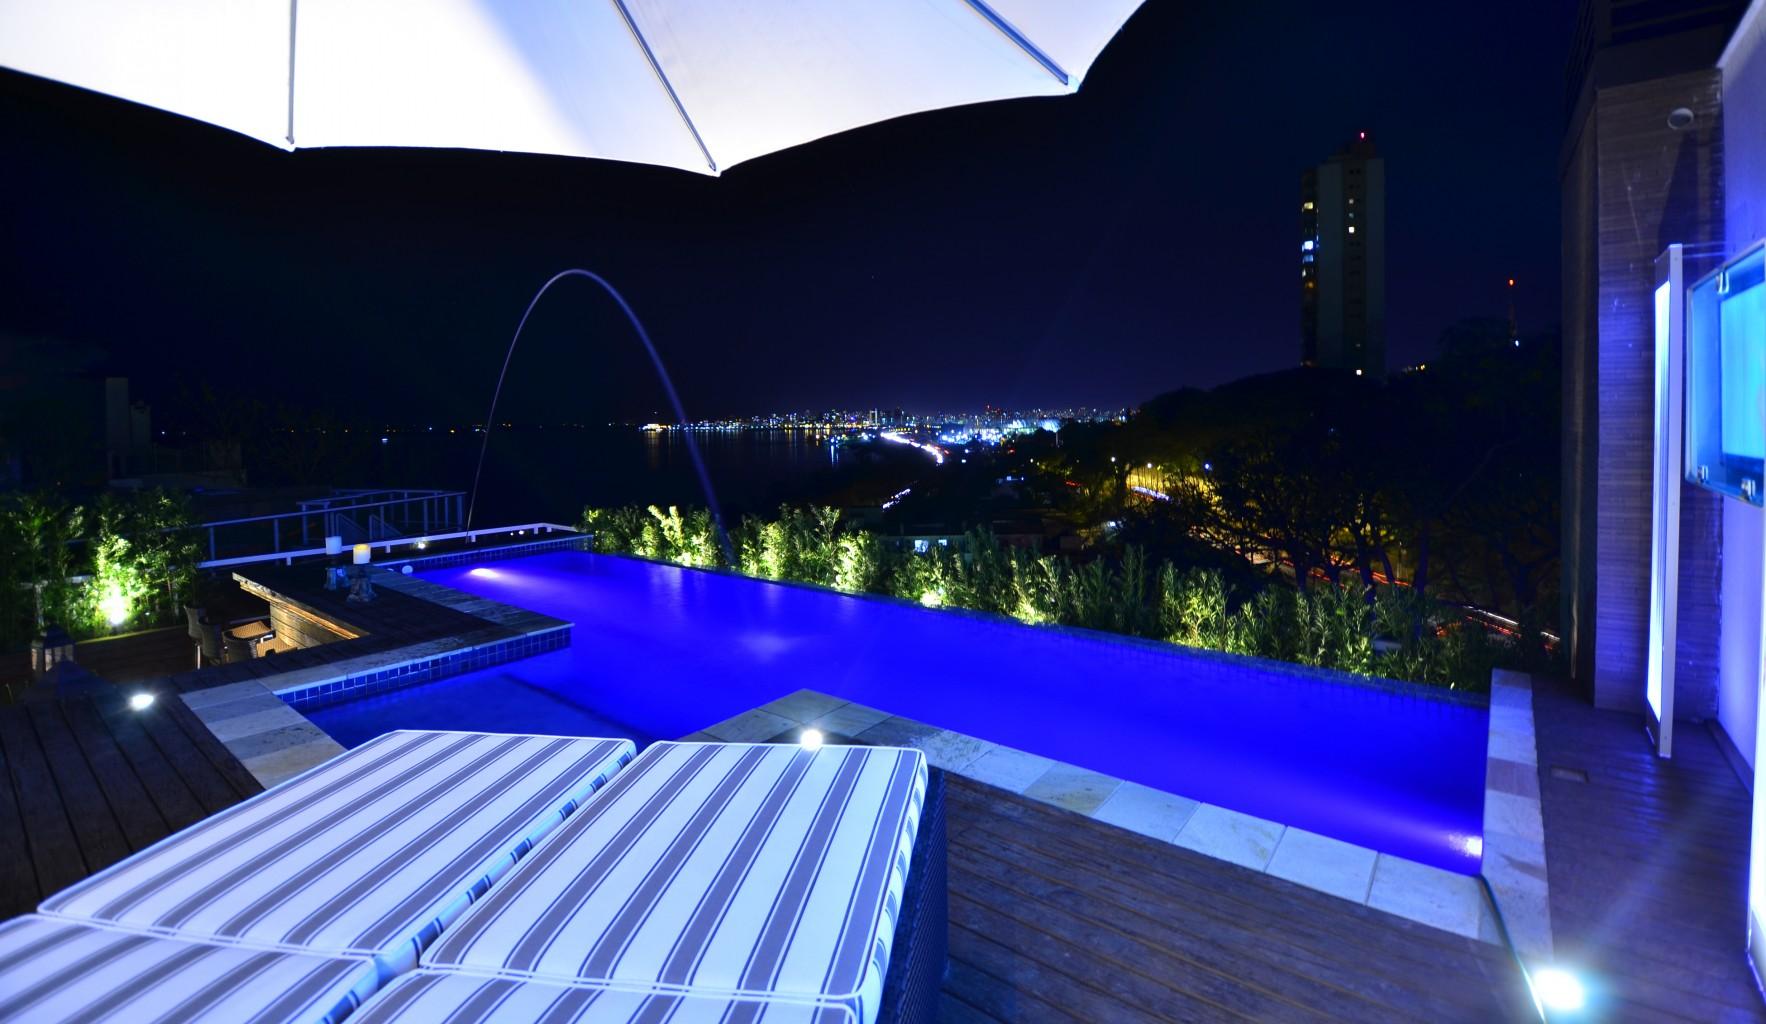 paulinho_peres_group_piscina_borda_infinita_espreguicadeiras_apartamento_porto_alegre_guaiba_design_arquitetura_